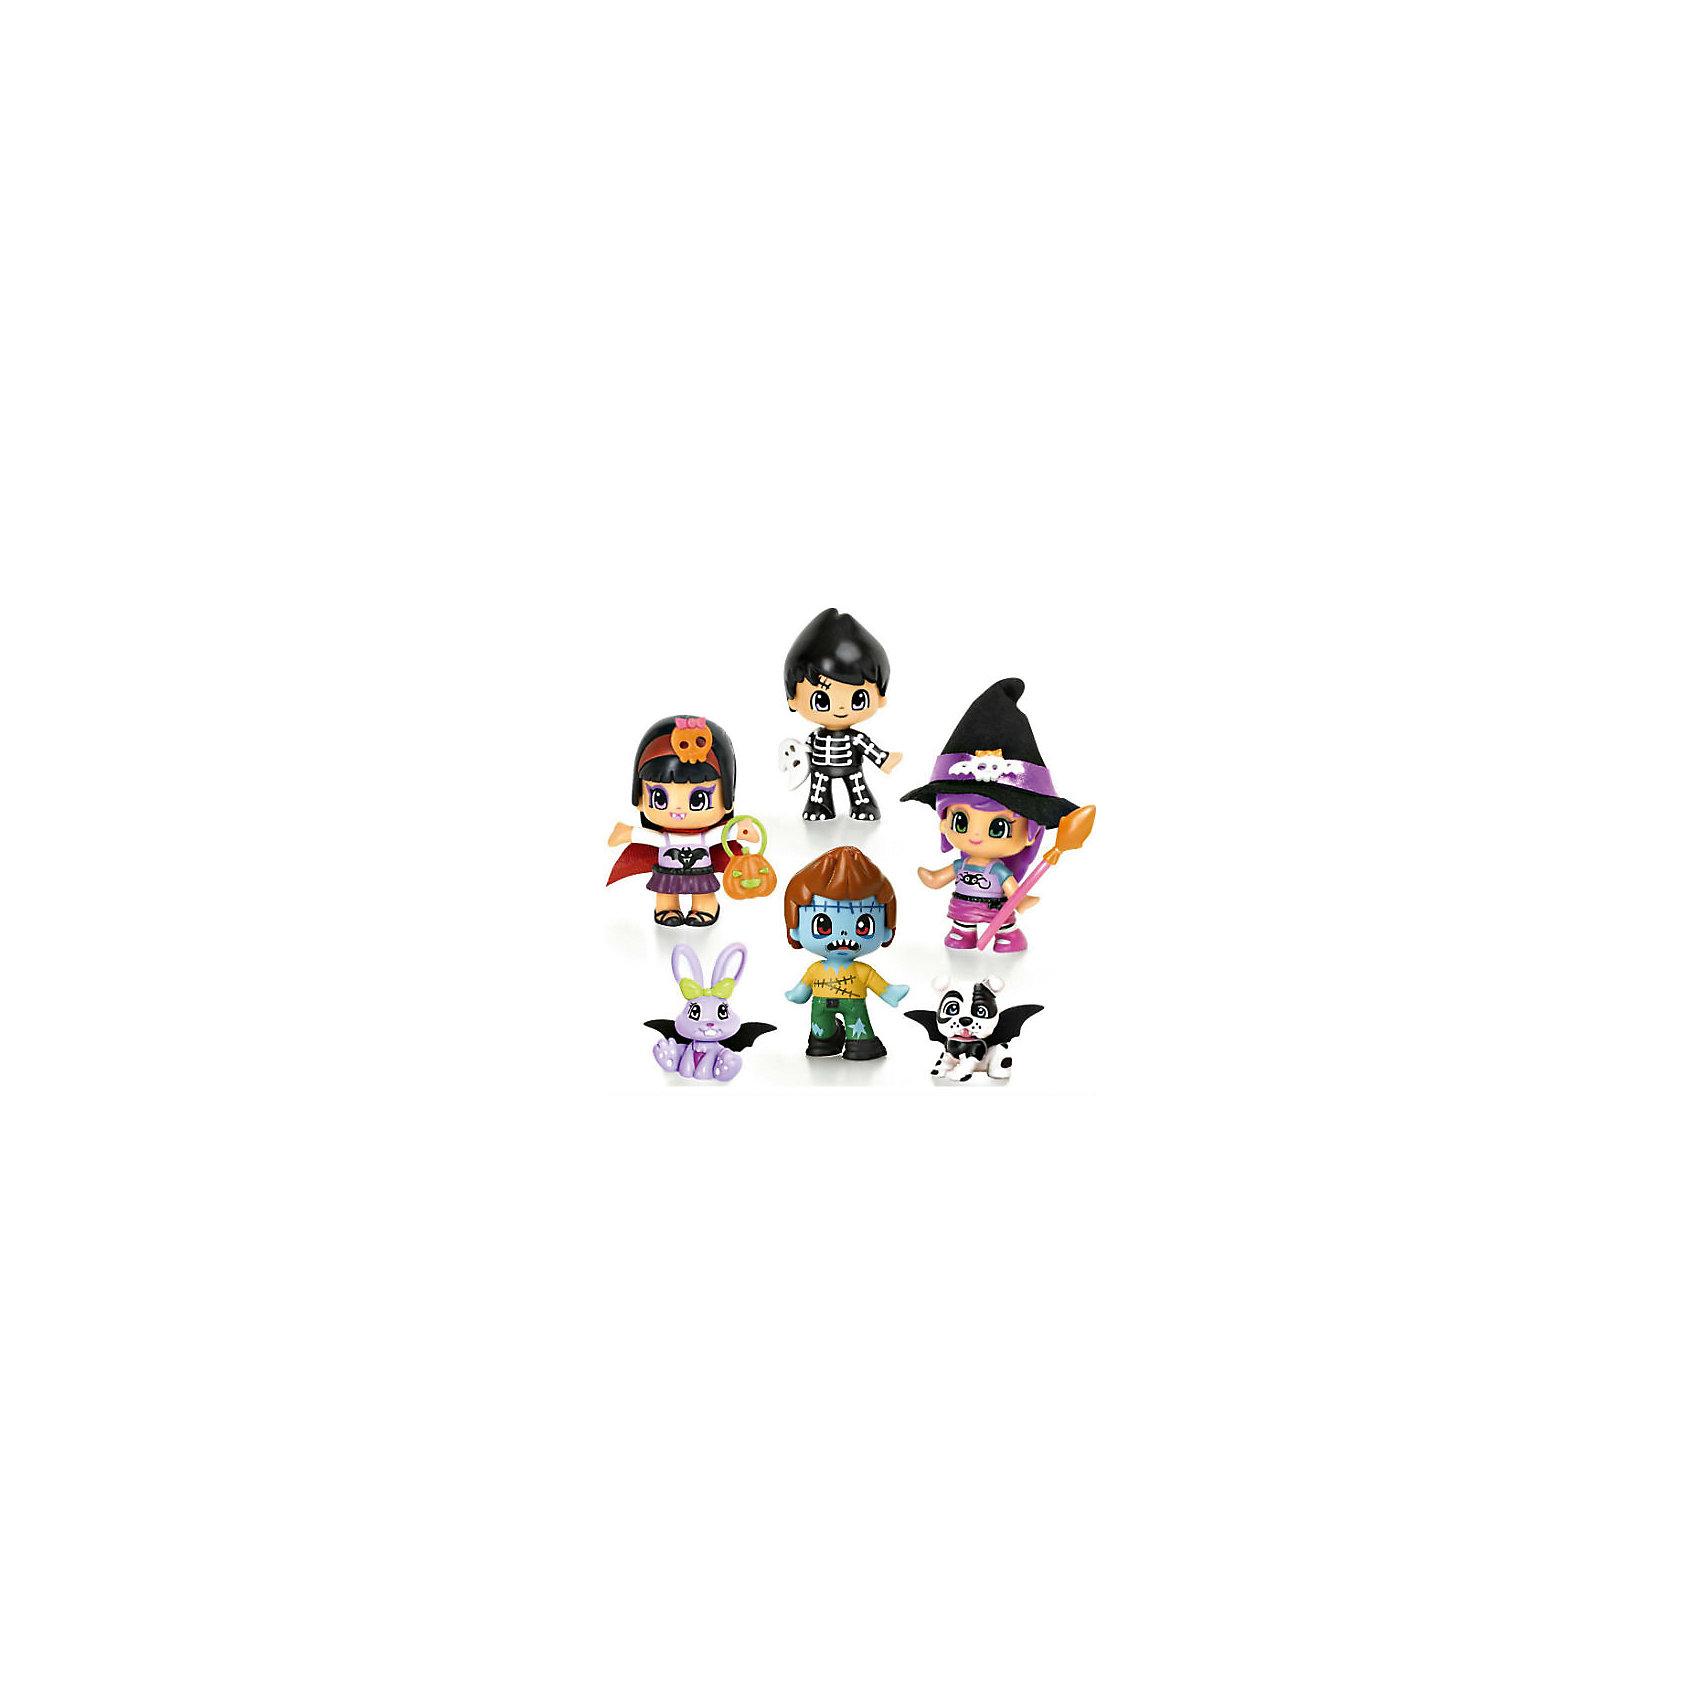 Большой игровой набор Пинипон, серия Monster, FamosaБренды кукол<br>Большой игровой набор Пинипон, серия Monster, Famosa<br><br>В набор входит:<br><br>- 4 куклы<br>- 2 зверька<br>- 20 аксессуаров<br><br>Дополнительная информация:<br><br>-Возраст: от 4 лет<br>-Размер упаковки: 35х7х20 см<br>-Марка: Famosa(Фамоса)<br><br>Большой игровой набор Пинипон, серия Monster, Famosa создан специально для любителей кукол Пинипон. В набор входит четыре ярких человечка, а также две милые зверушки (собачка и зайчик в костюмах с крылышками летучих мышей). С такими куклами игры станут разнообразней и интересней. А множество аксессуаров позволит менять образы куклам. Игрушки сделаны из экологически чистых материалов, поэтому абсолютно безопасны для детей. <br><br>Большой игровой набор Пинипон, серия Monster, Famosa можно приобрести в нашем интернет-магазине.<br><br>Ширина мм: 350<br>Глубина мм: 70<br>Высота мм: 200<br>Вес г: 500<br>Возраст от месяцев: 48<br>Возраст до месяцев: 120<br>Пол: Женский<br>Возраст: Детский<br>SKU: 5115712